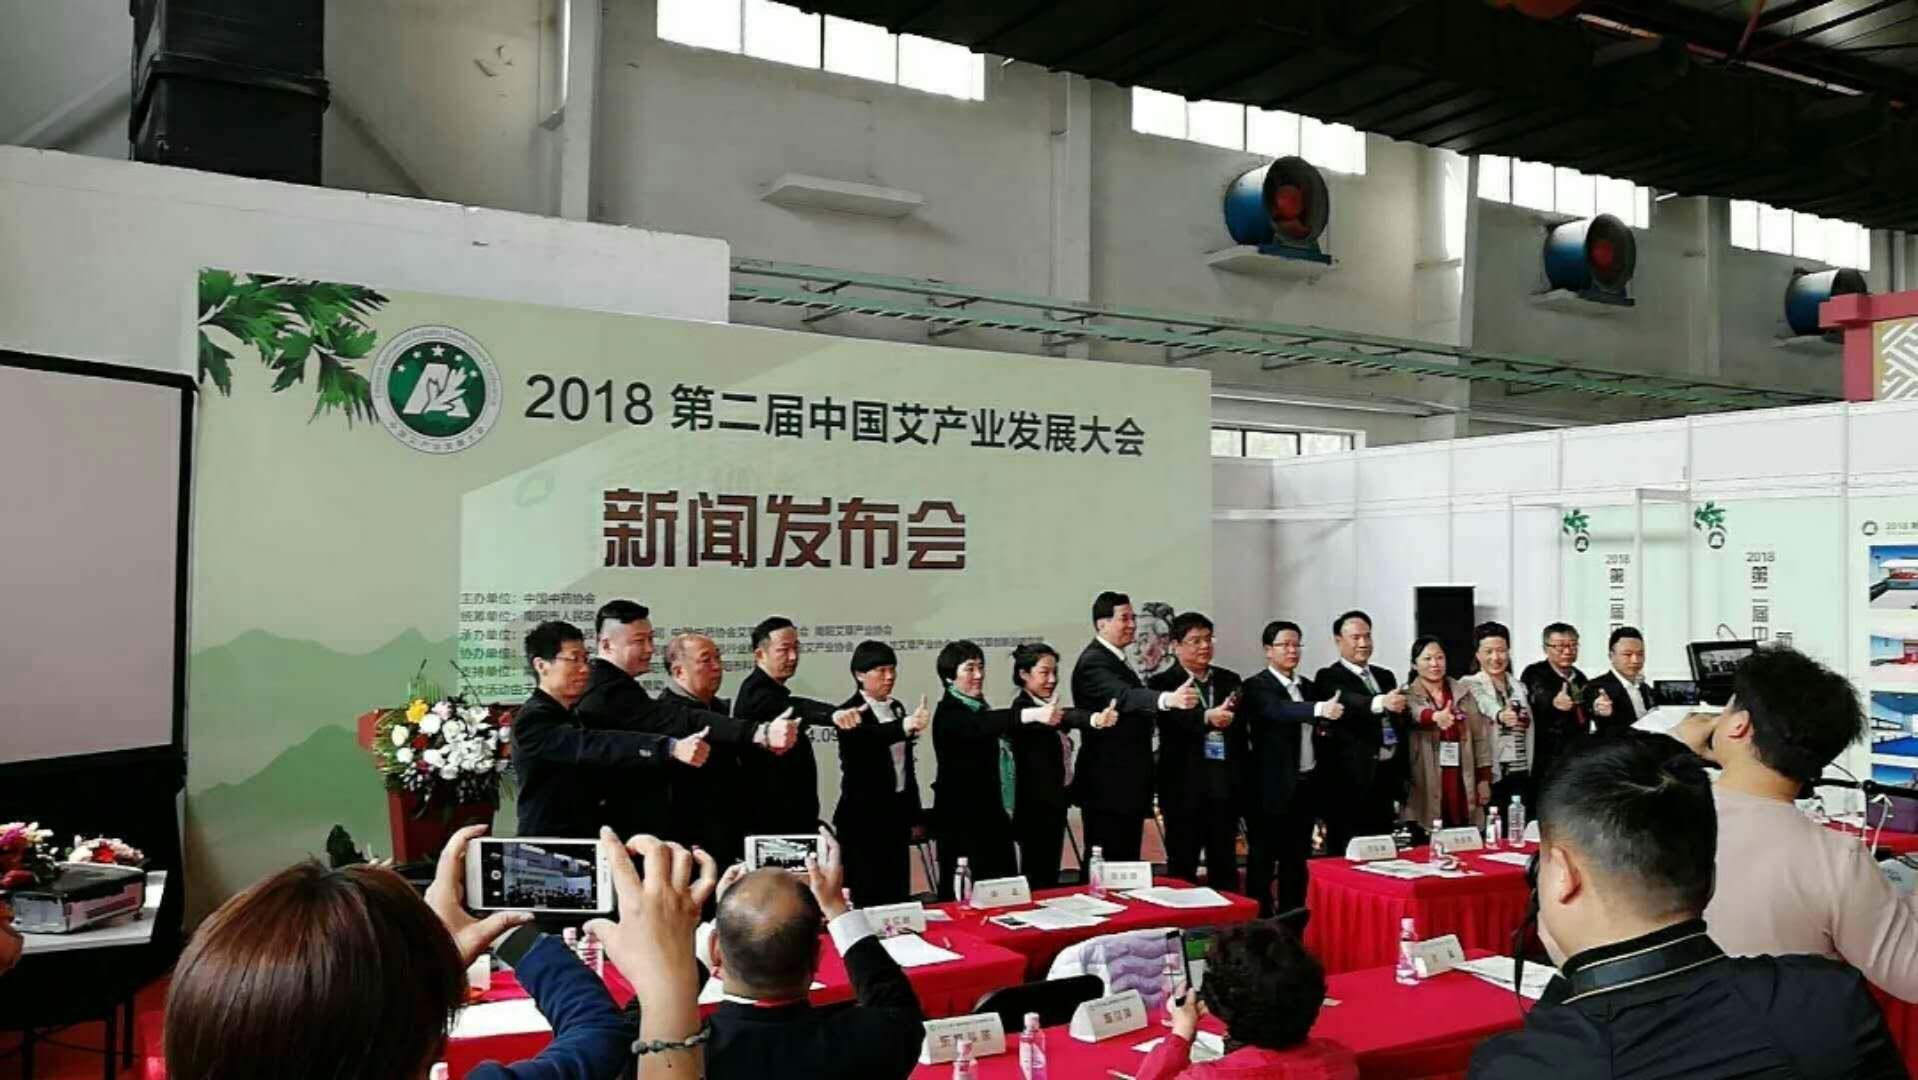 四月北京健博会 南阳卧龙汉艾展风采